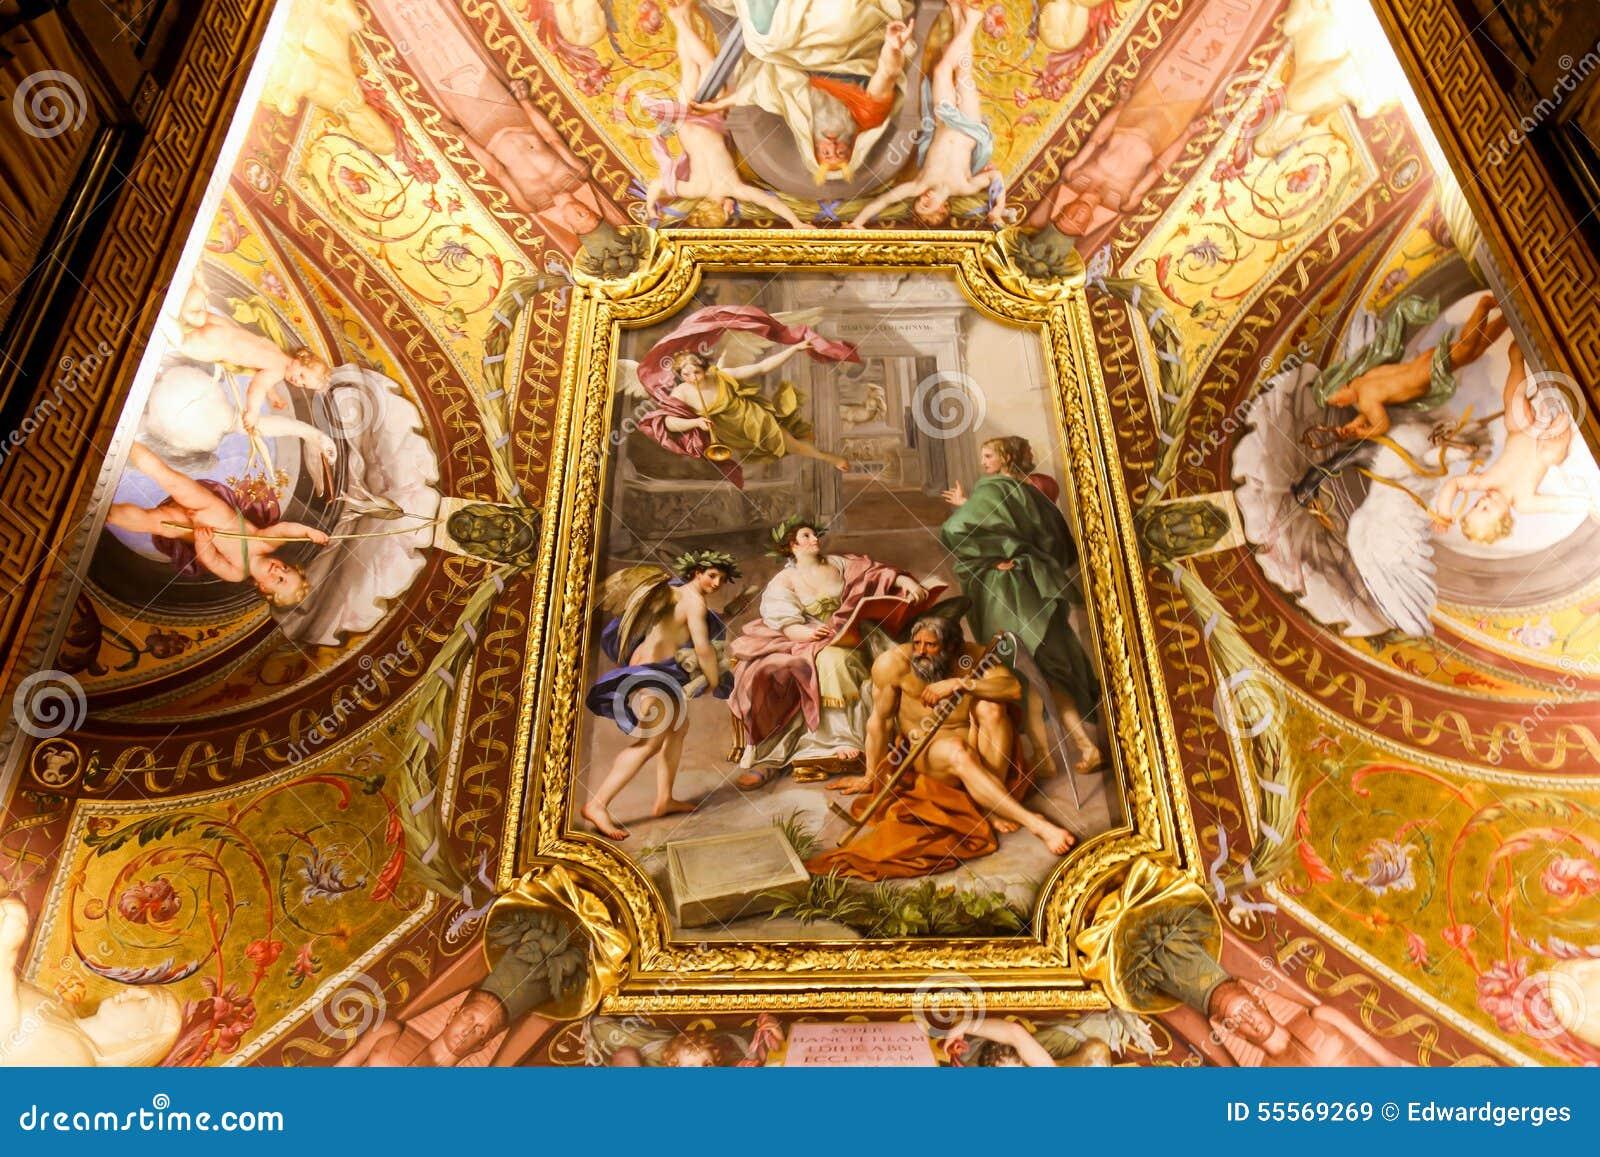 Peinture De La Renaissance Au Musée De Vatican Photo stock - Image: 55569269